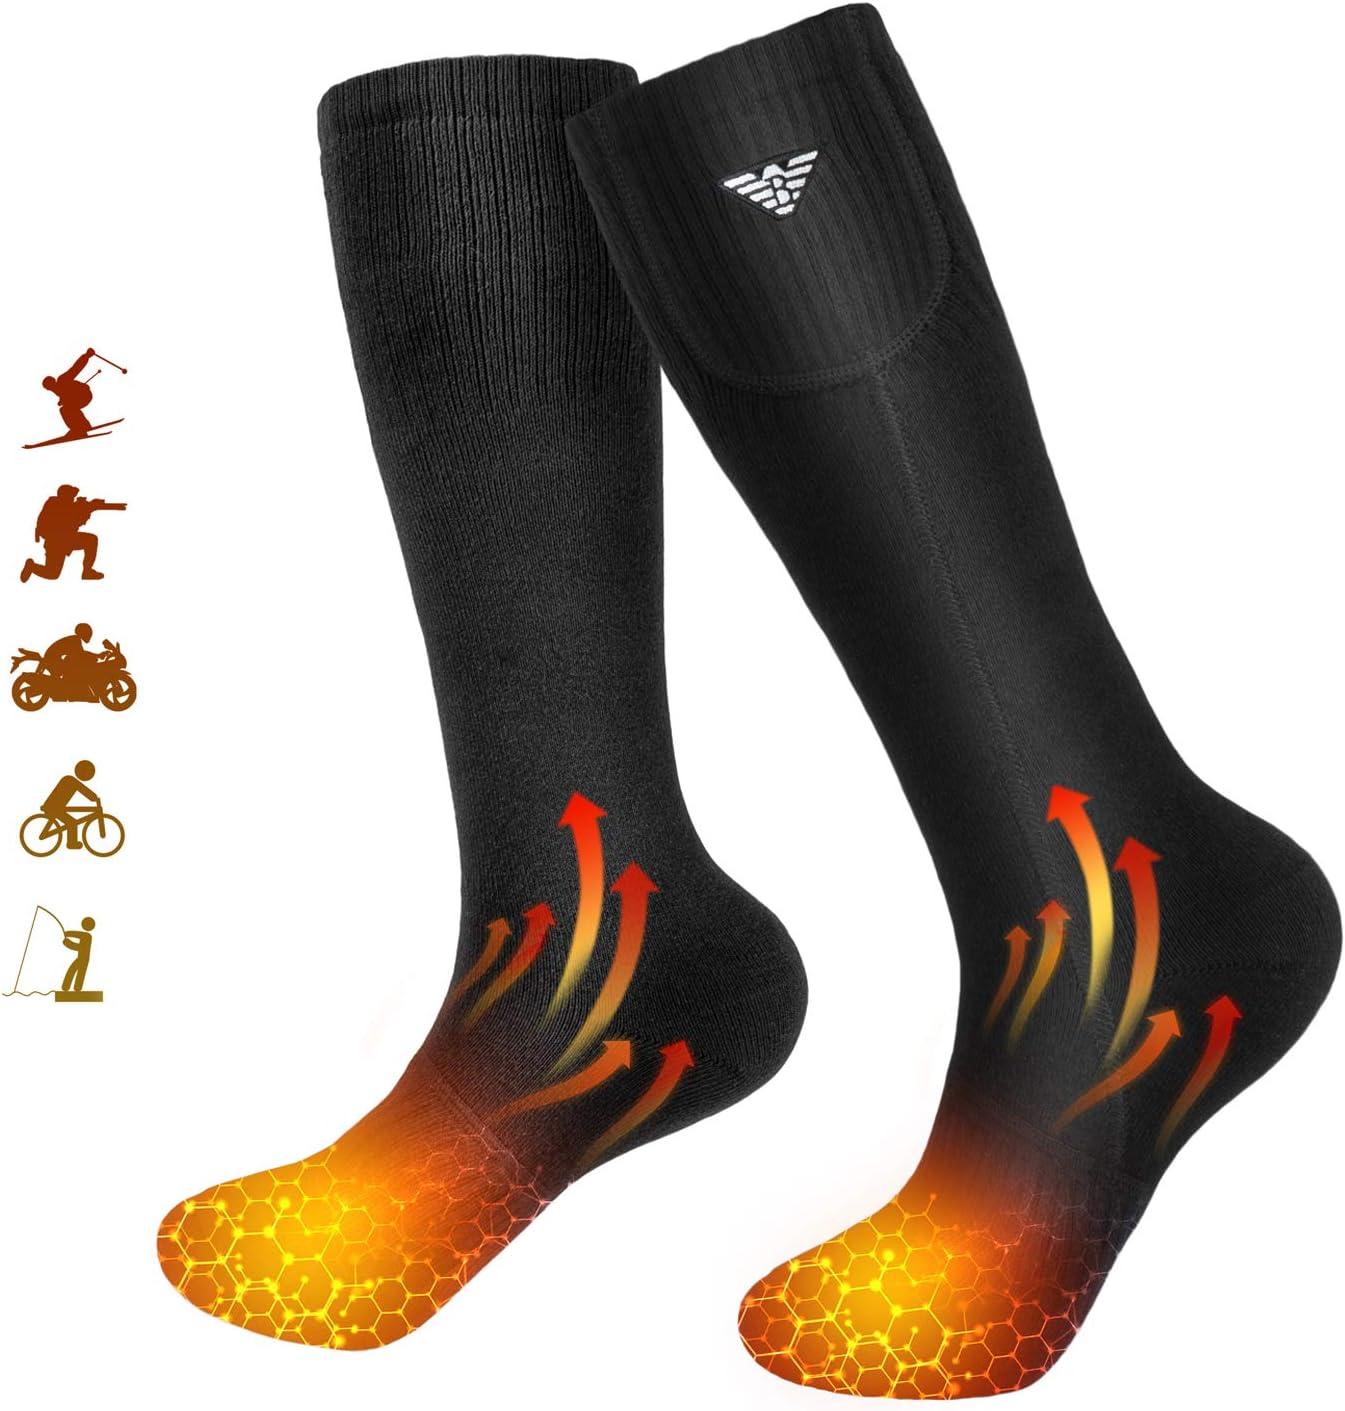 ski moto Chaussettes chauffantes pour homme et femme p/êche cyclisme chaussettes chauffantes /électriques /à piles pour camping